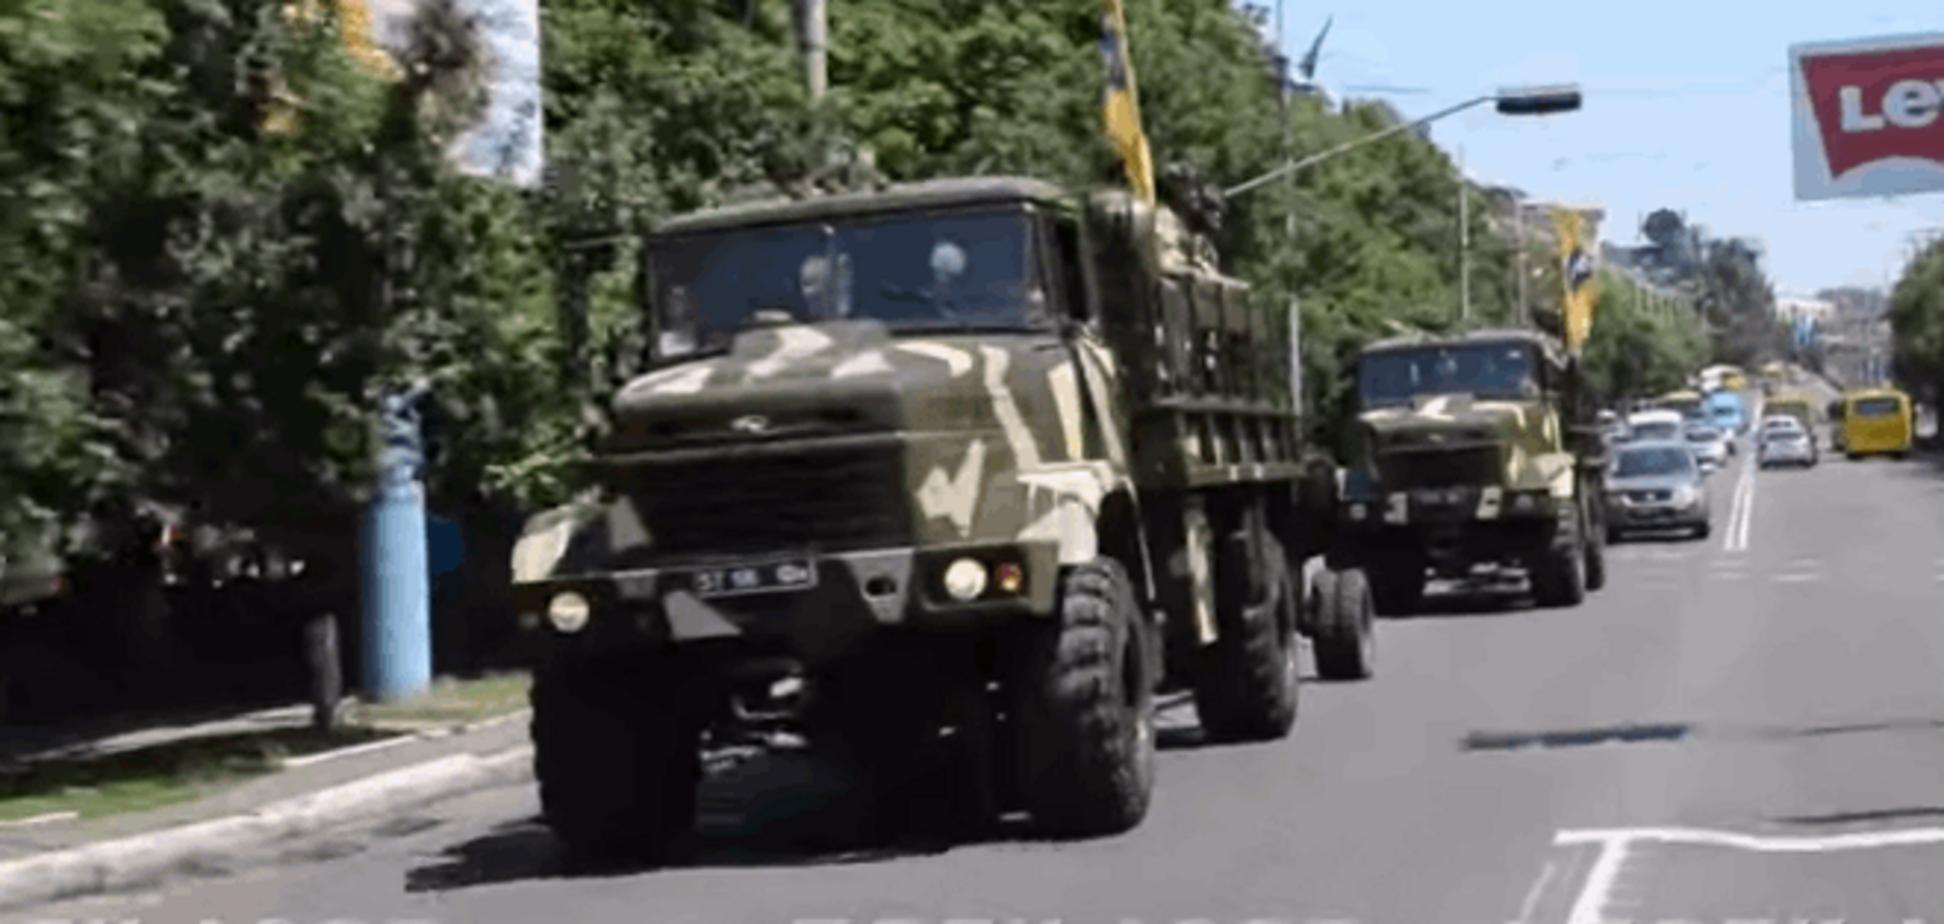 ОБСЕ обвинила Украину в нарушении минских соглашений из-за 'Азова'